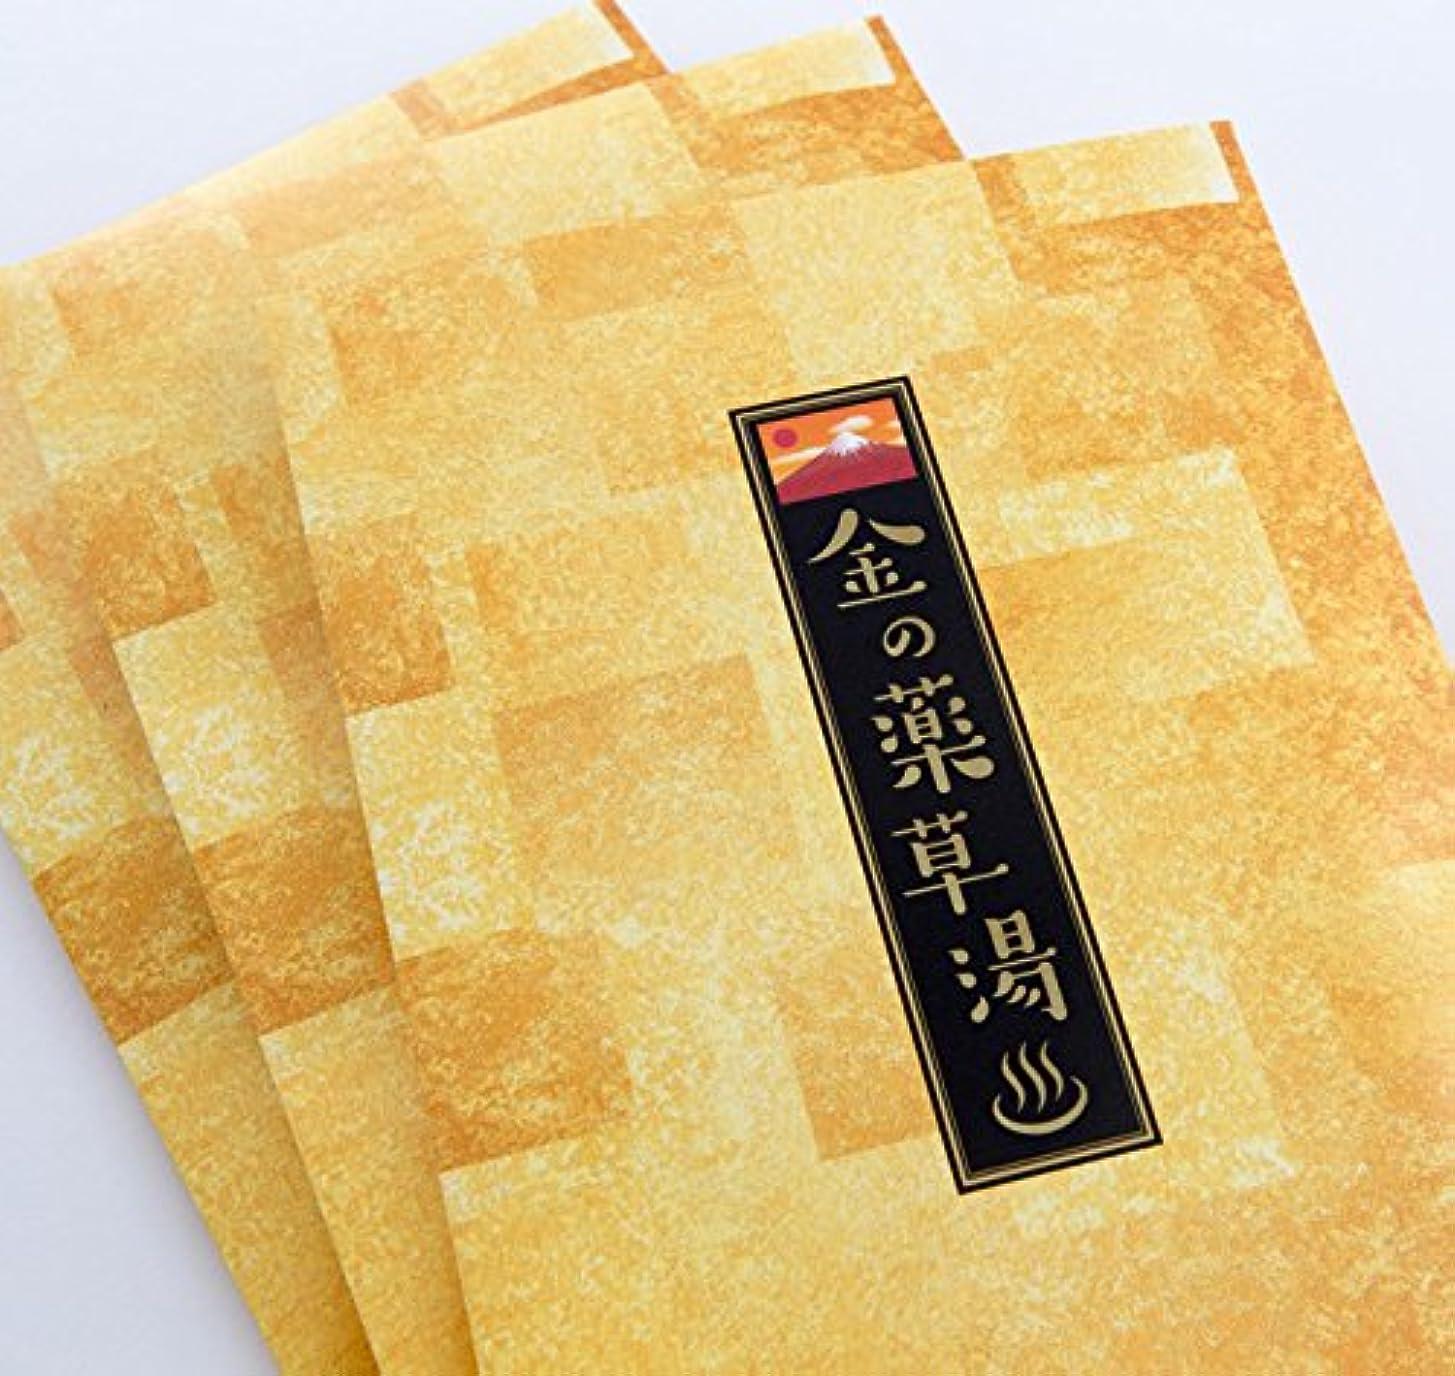 長方形重荷クラック金の薬草湯プチギフト(3包入)